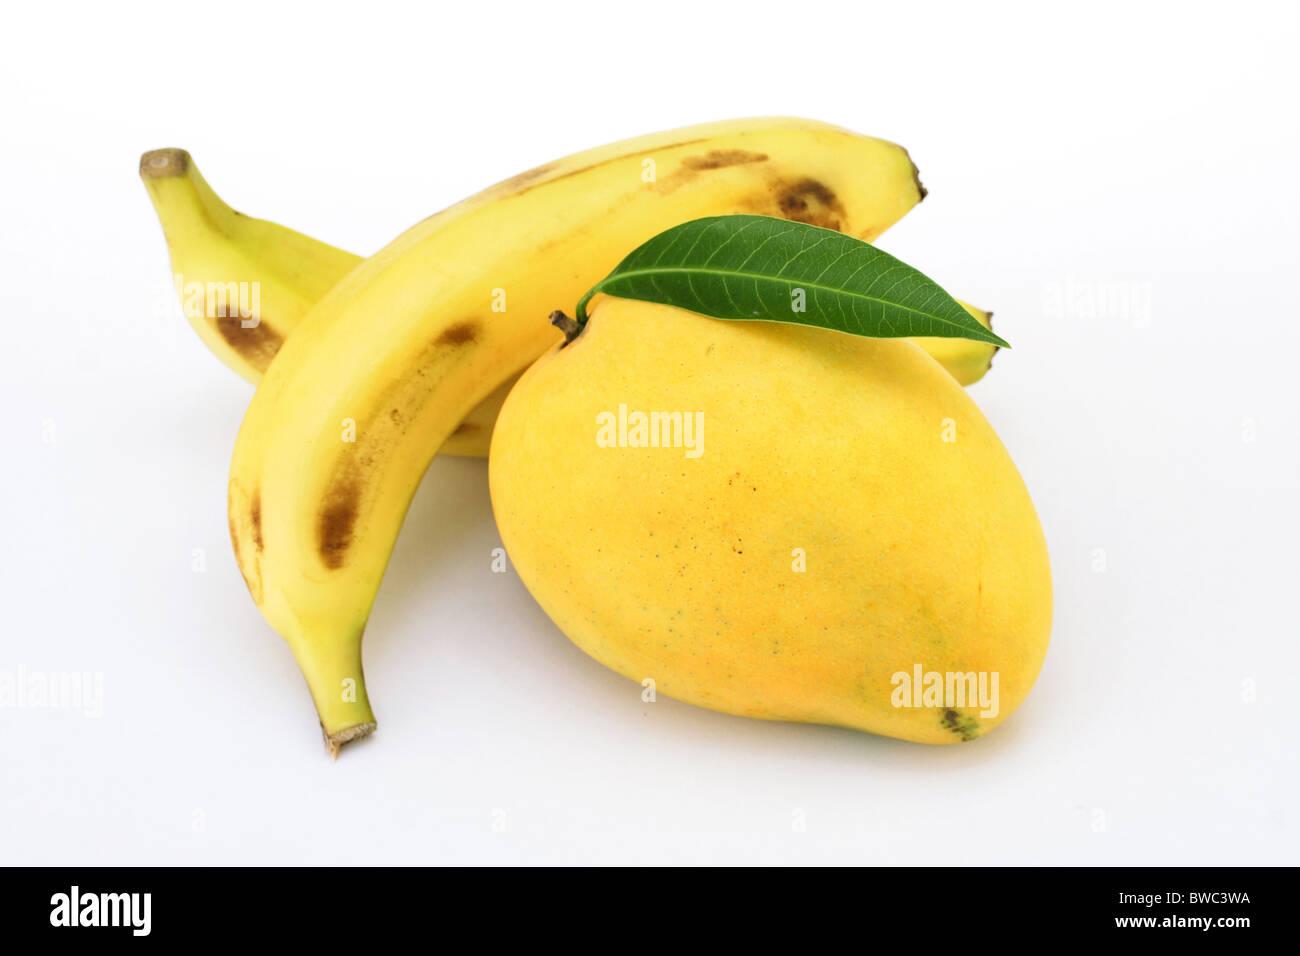 Mango and bananas on white - Stock Image